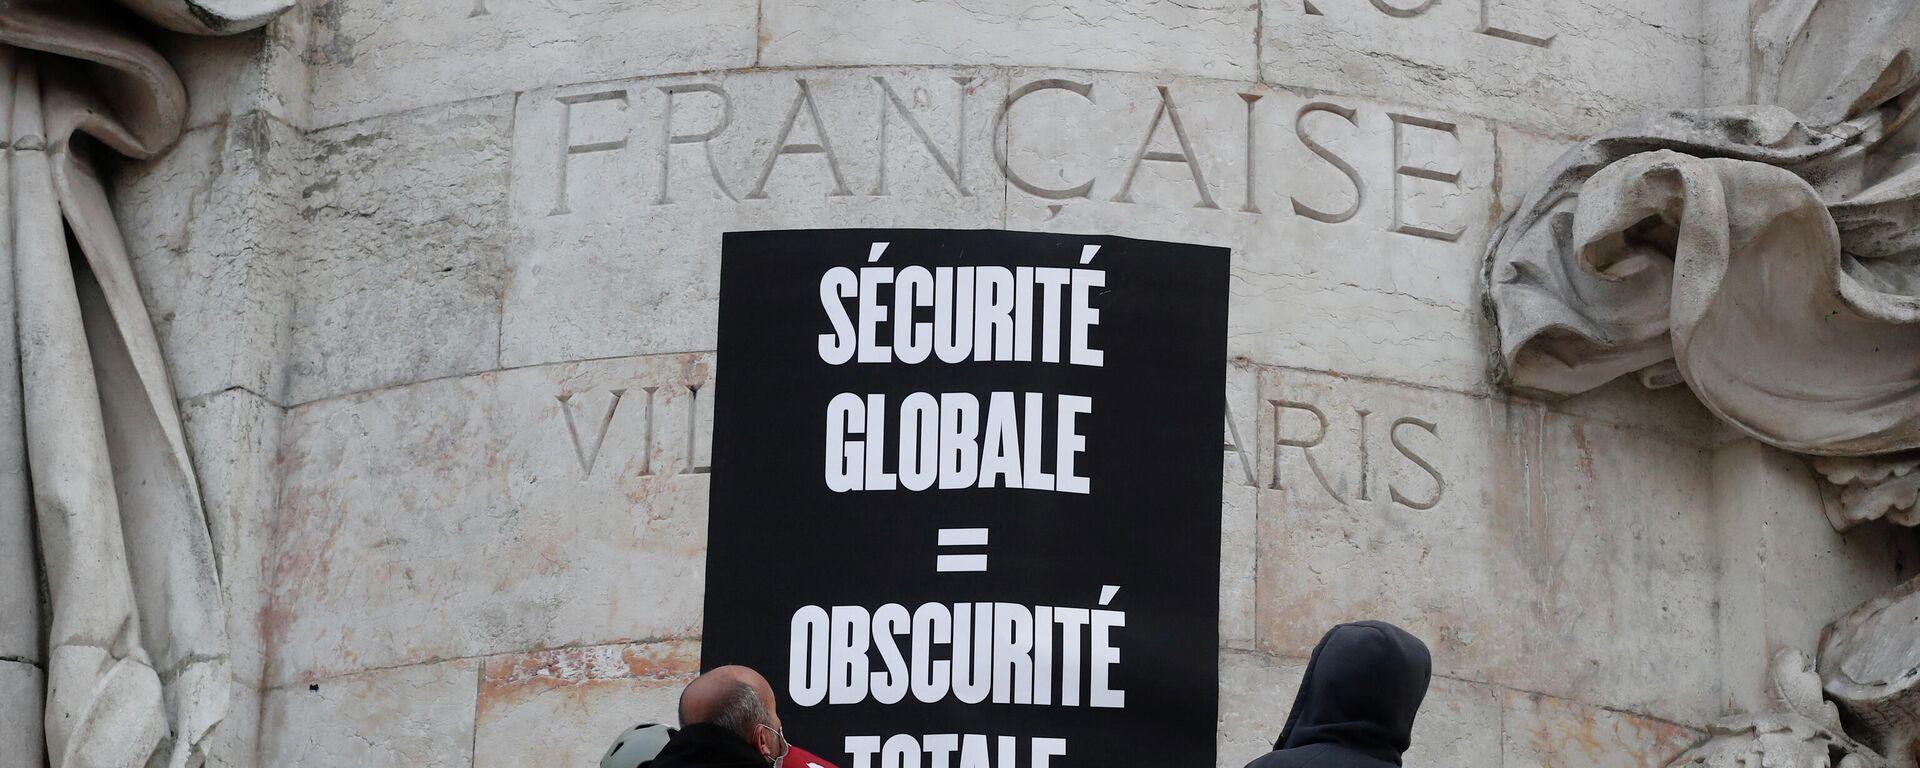 Protesta contra el proyecto de Ley de Seguridad Global - Sputnik Mundo, 1920, 16.03.2021